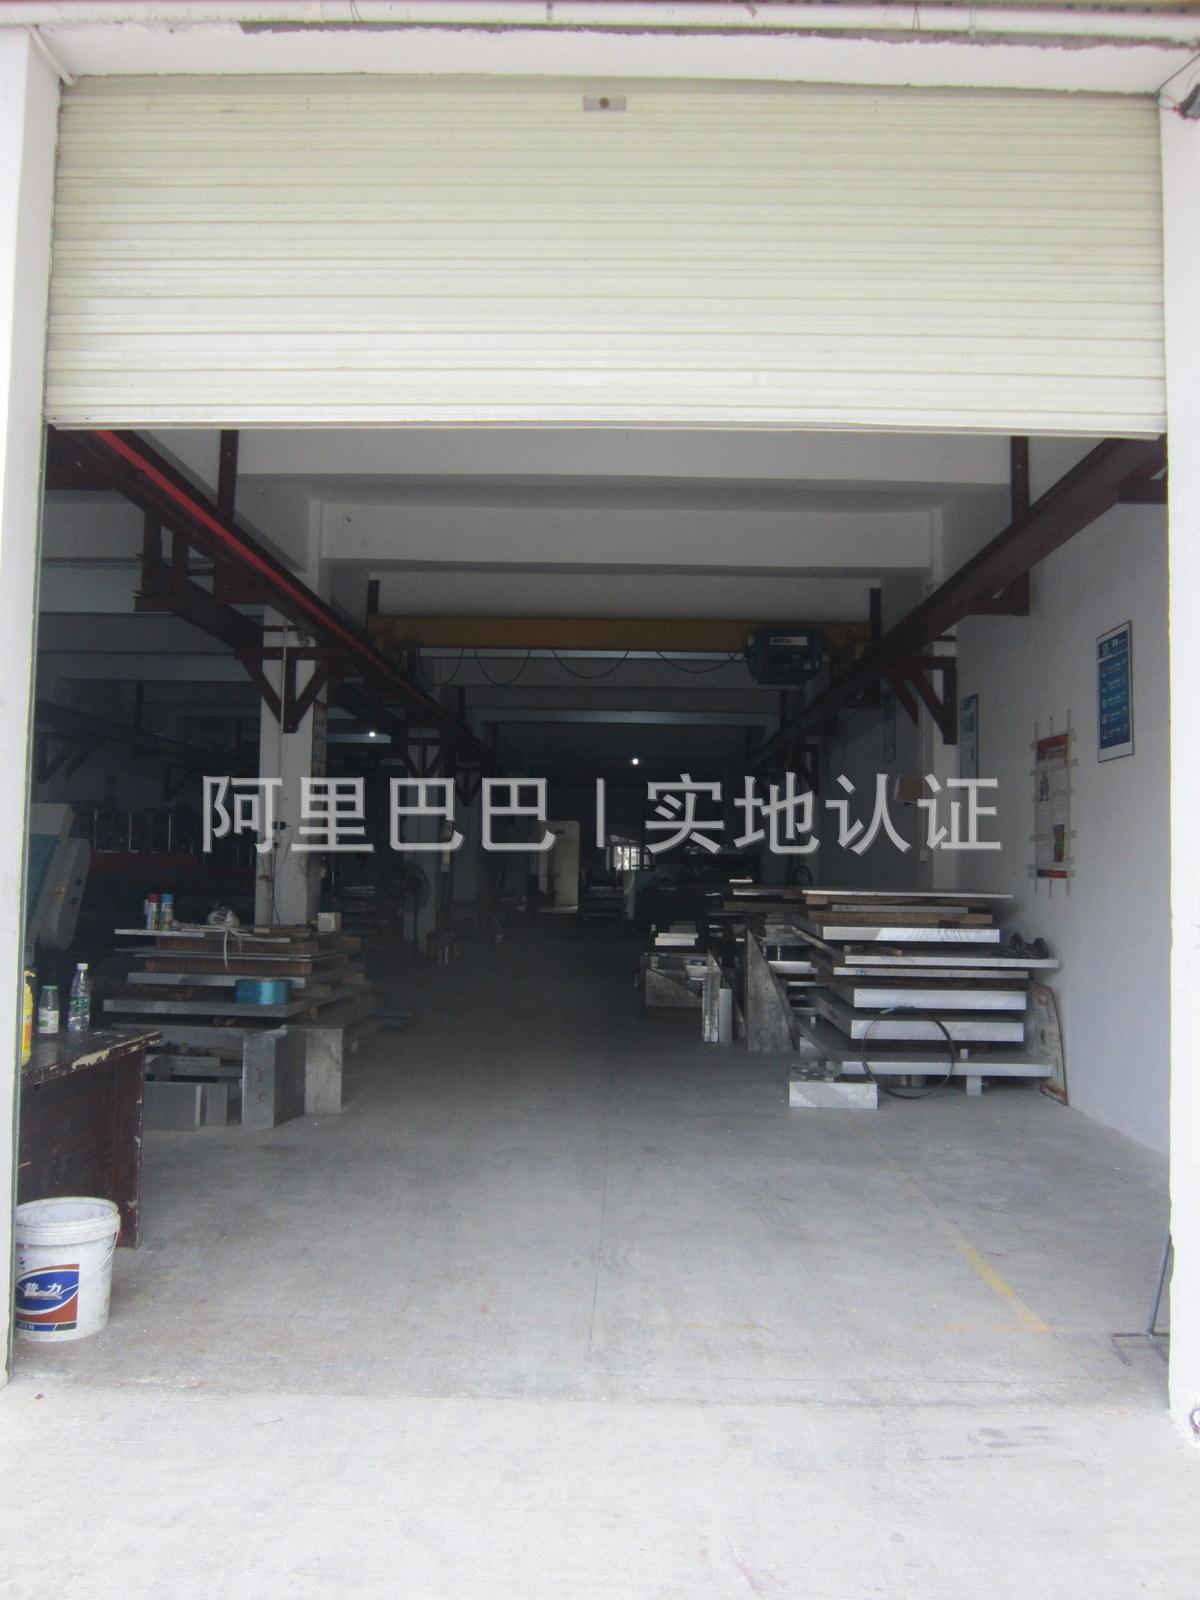 特卖ADC12铝合金 ADC12铝合金密度